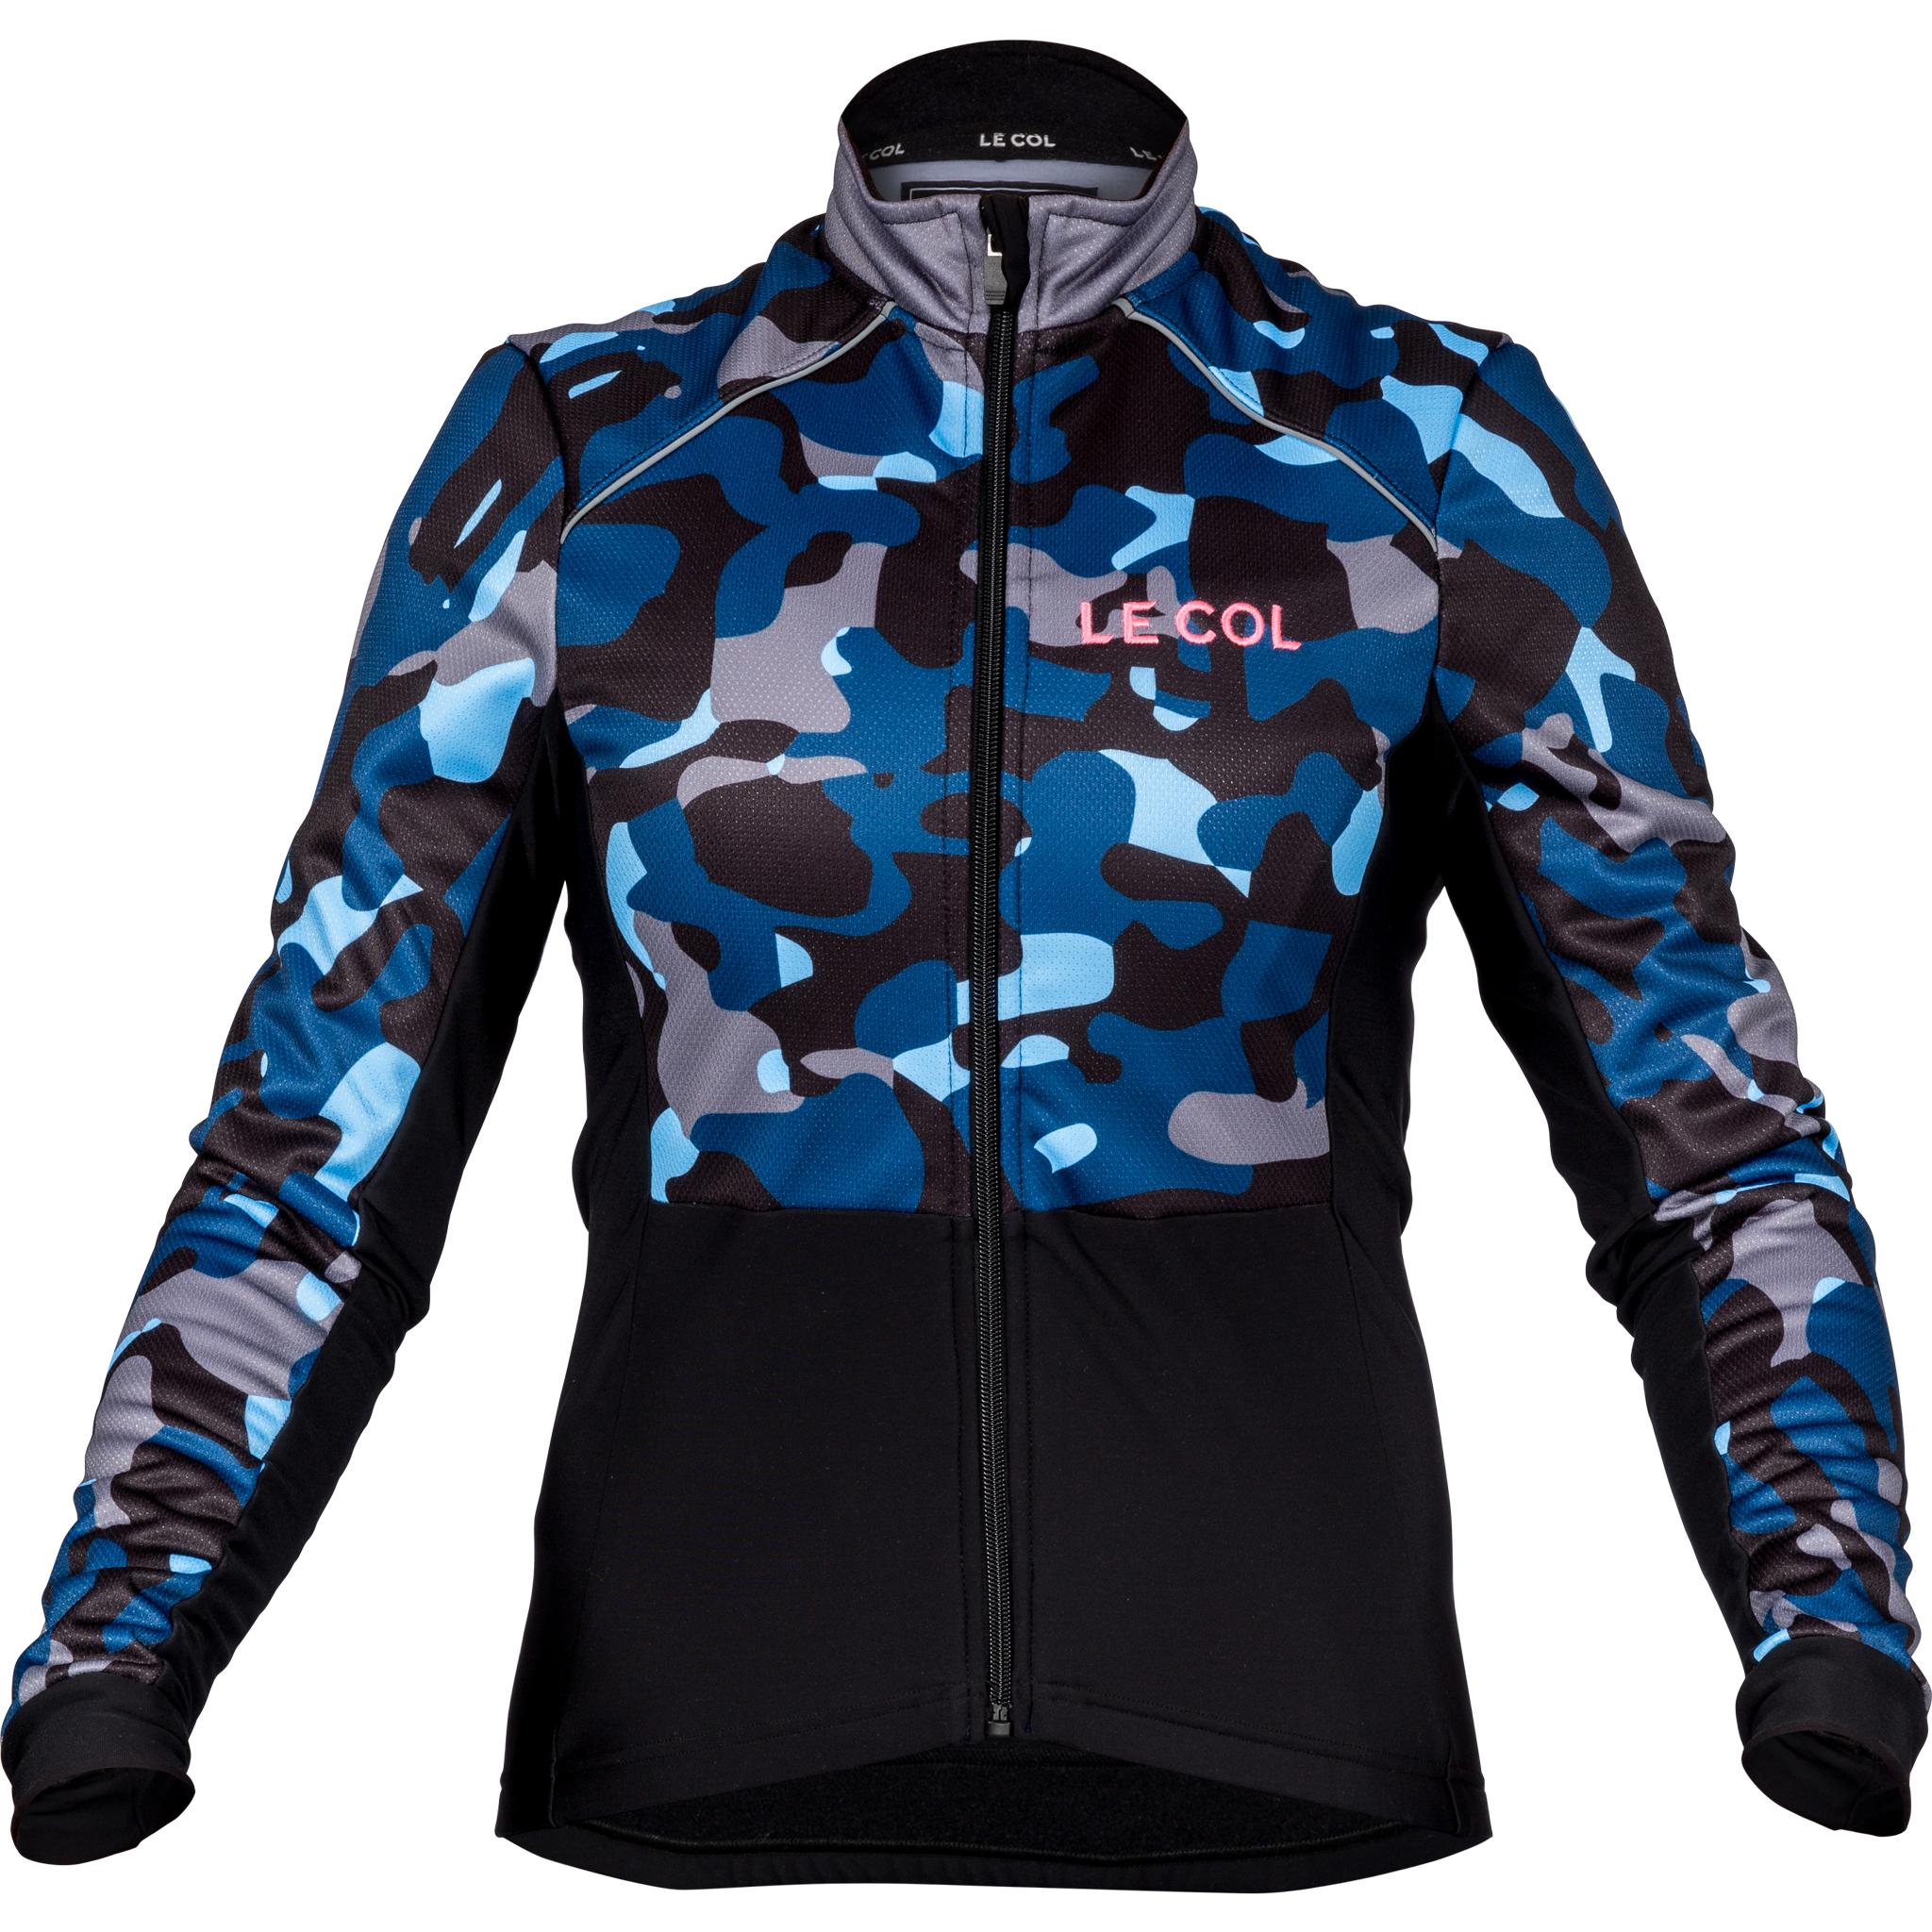 af48731af Le Col Womens Sport Winter Jacket   Blue Camo   Black - 700